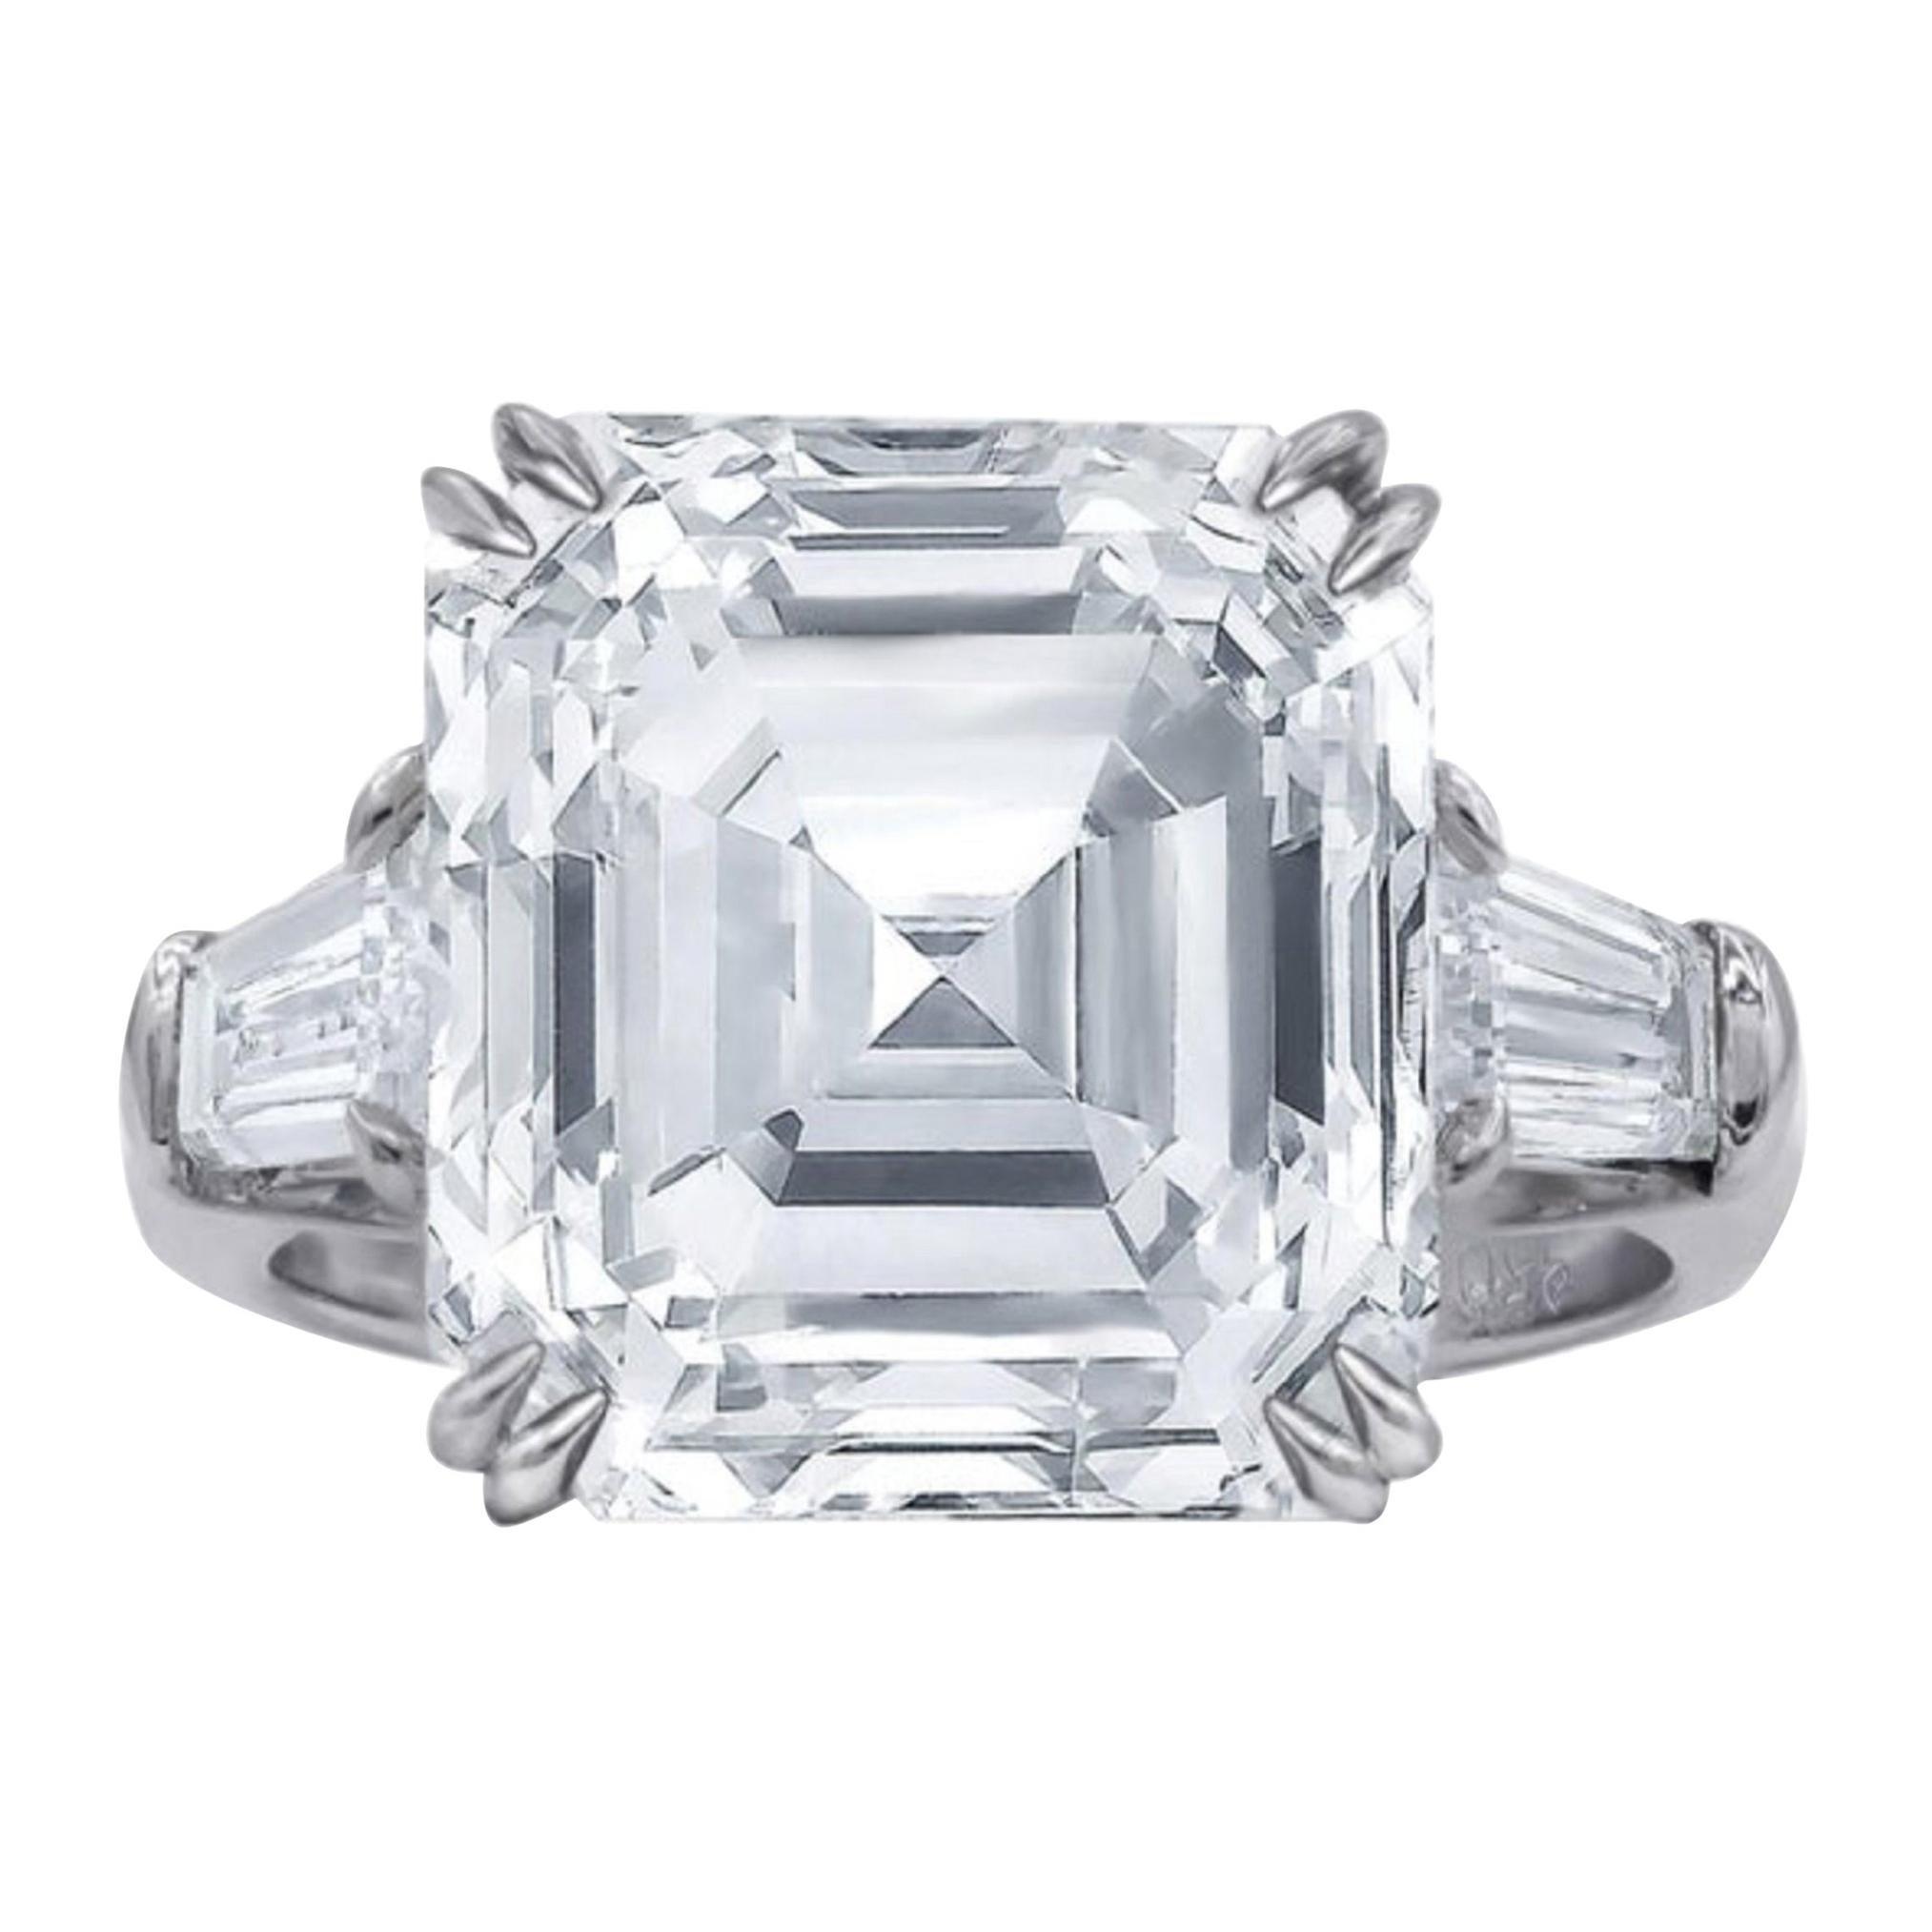 GIA Certified 4.65 Carat Asscher Cut Diamond Platinum Ring